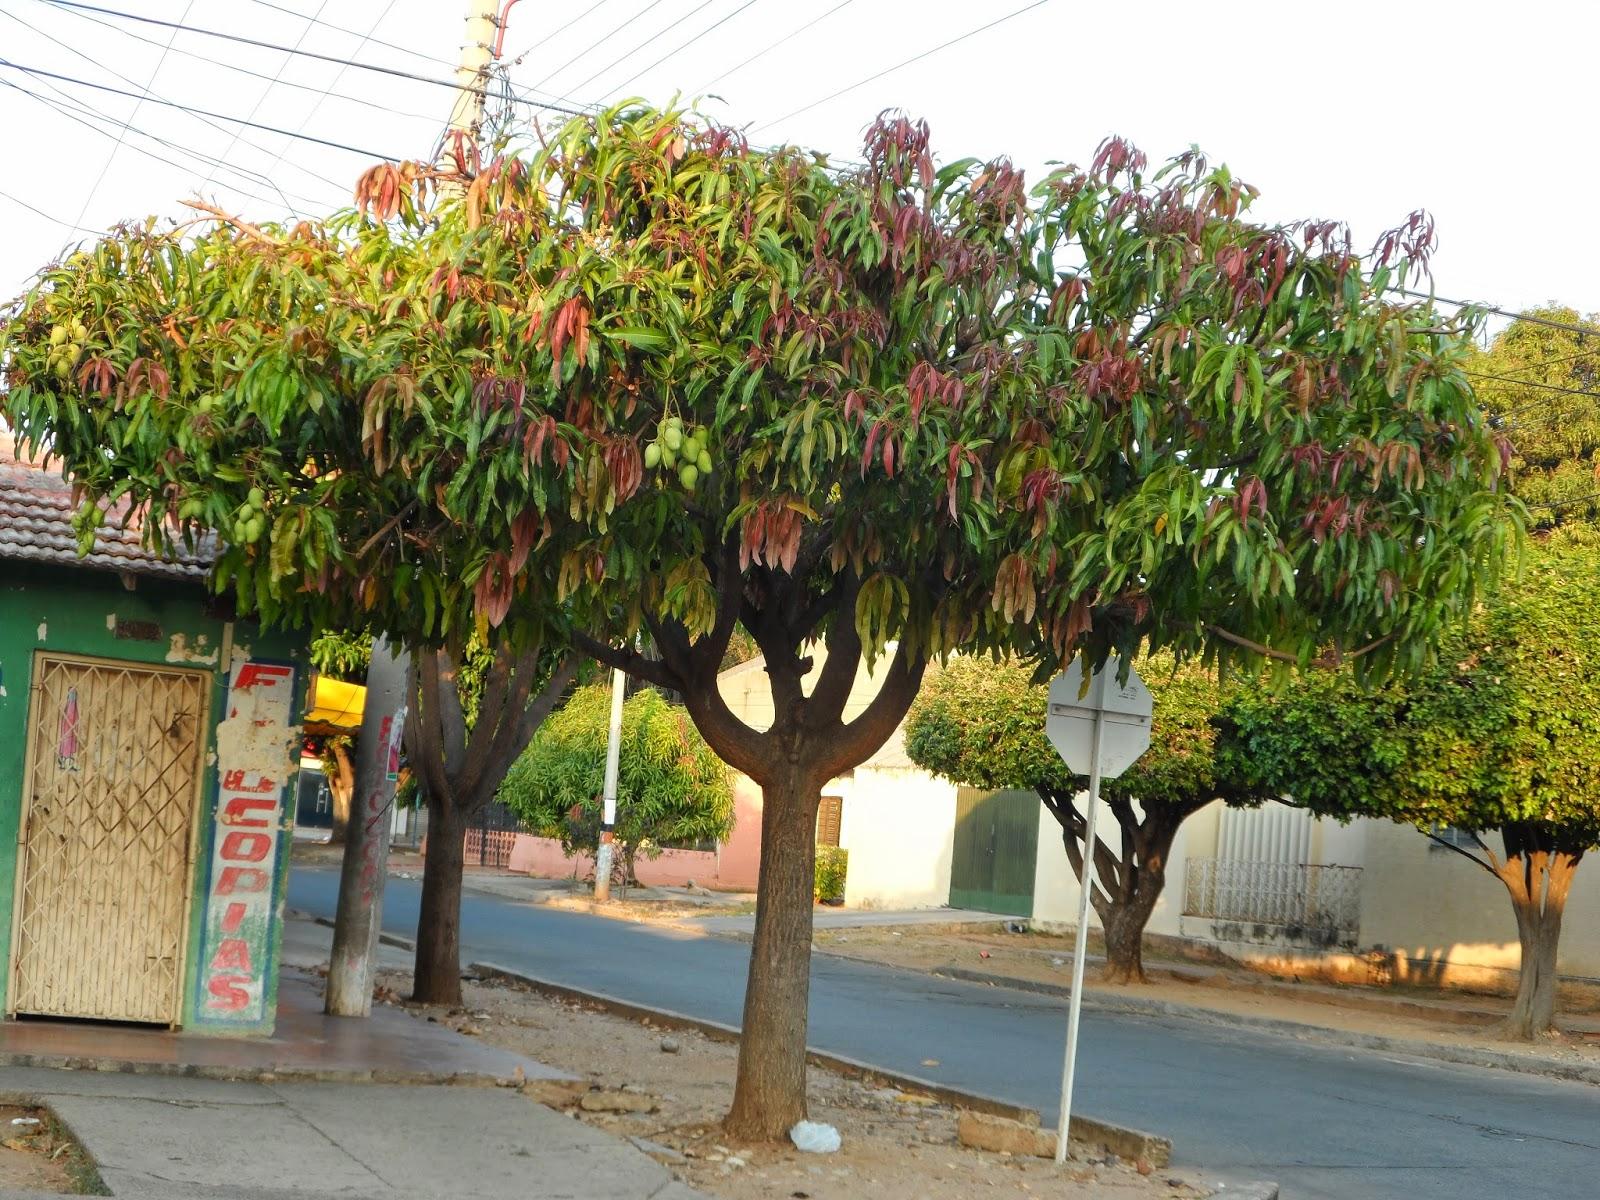 Imagenes Animadas De Arboles De Mango